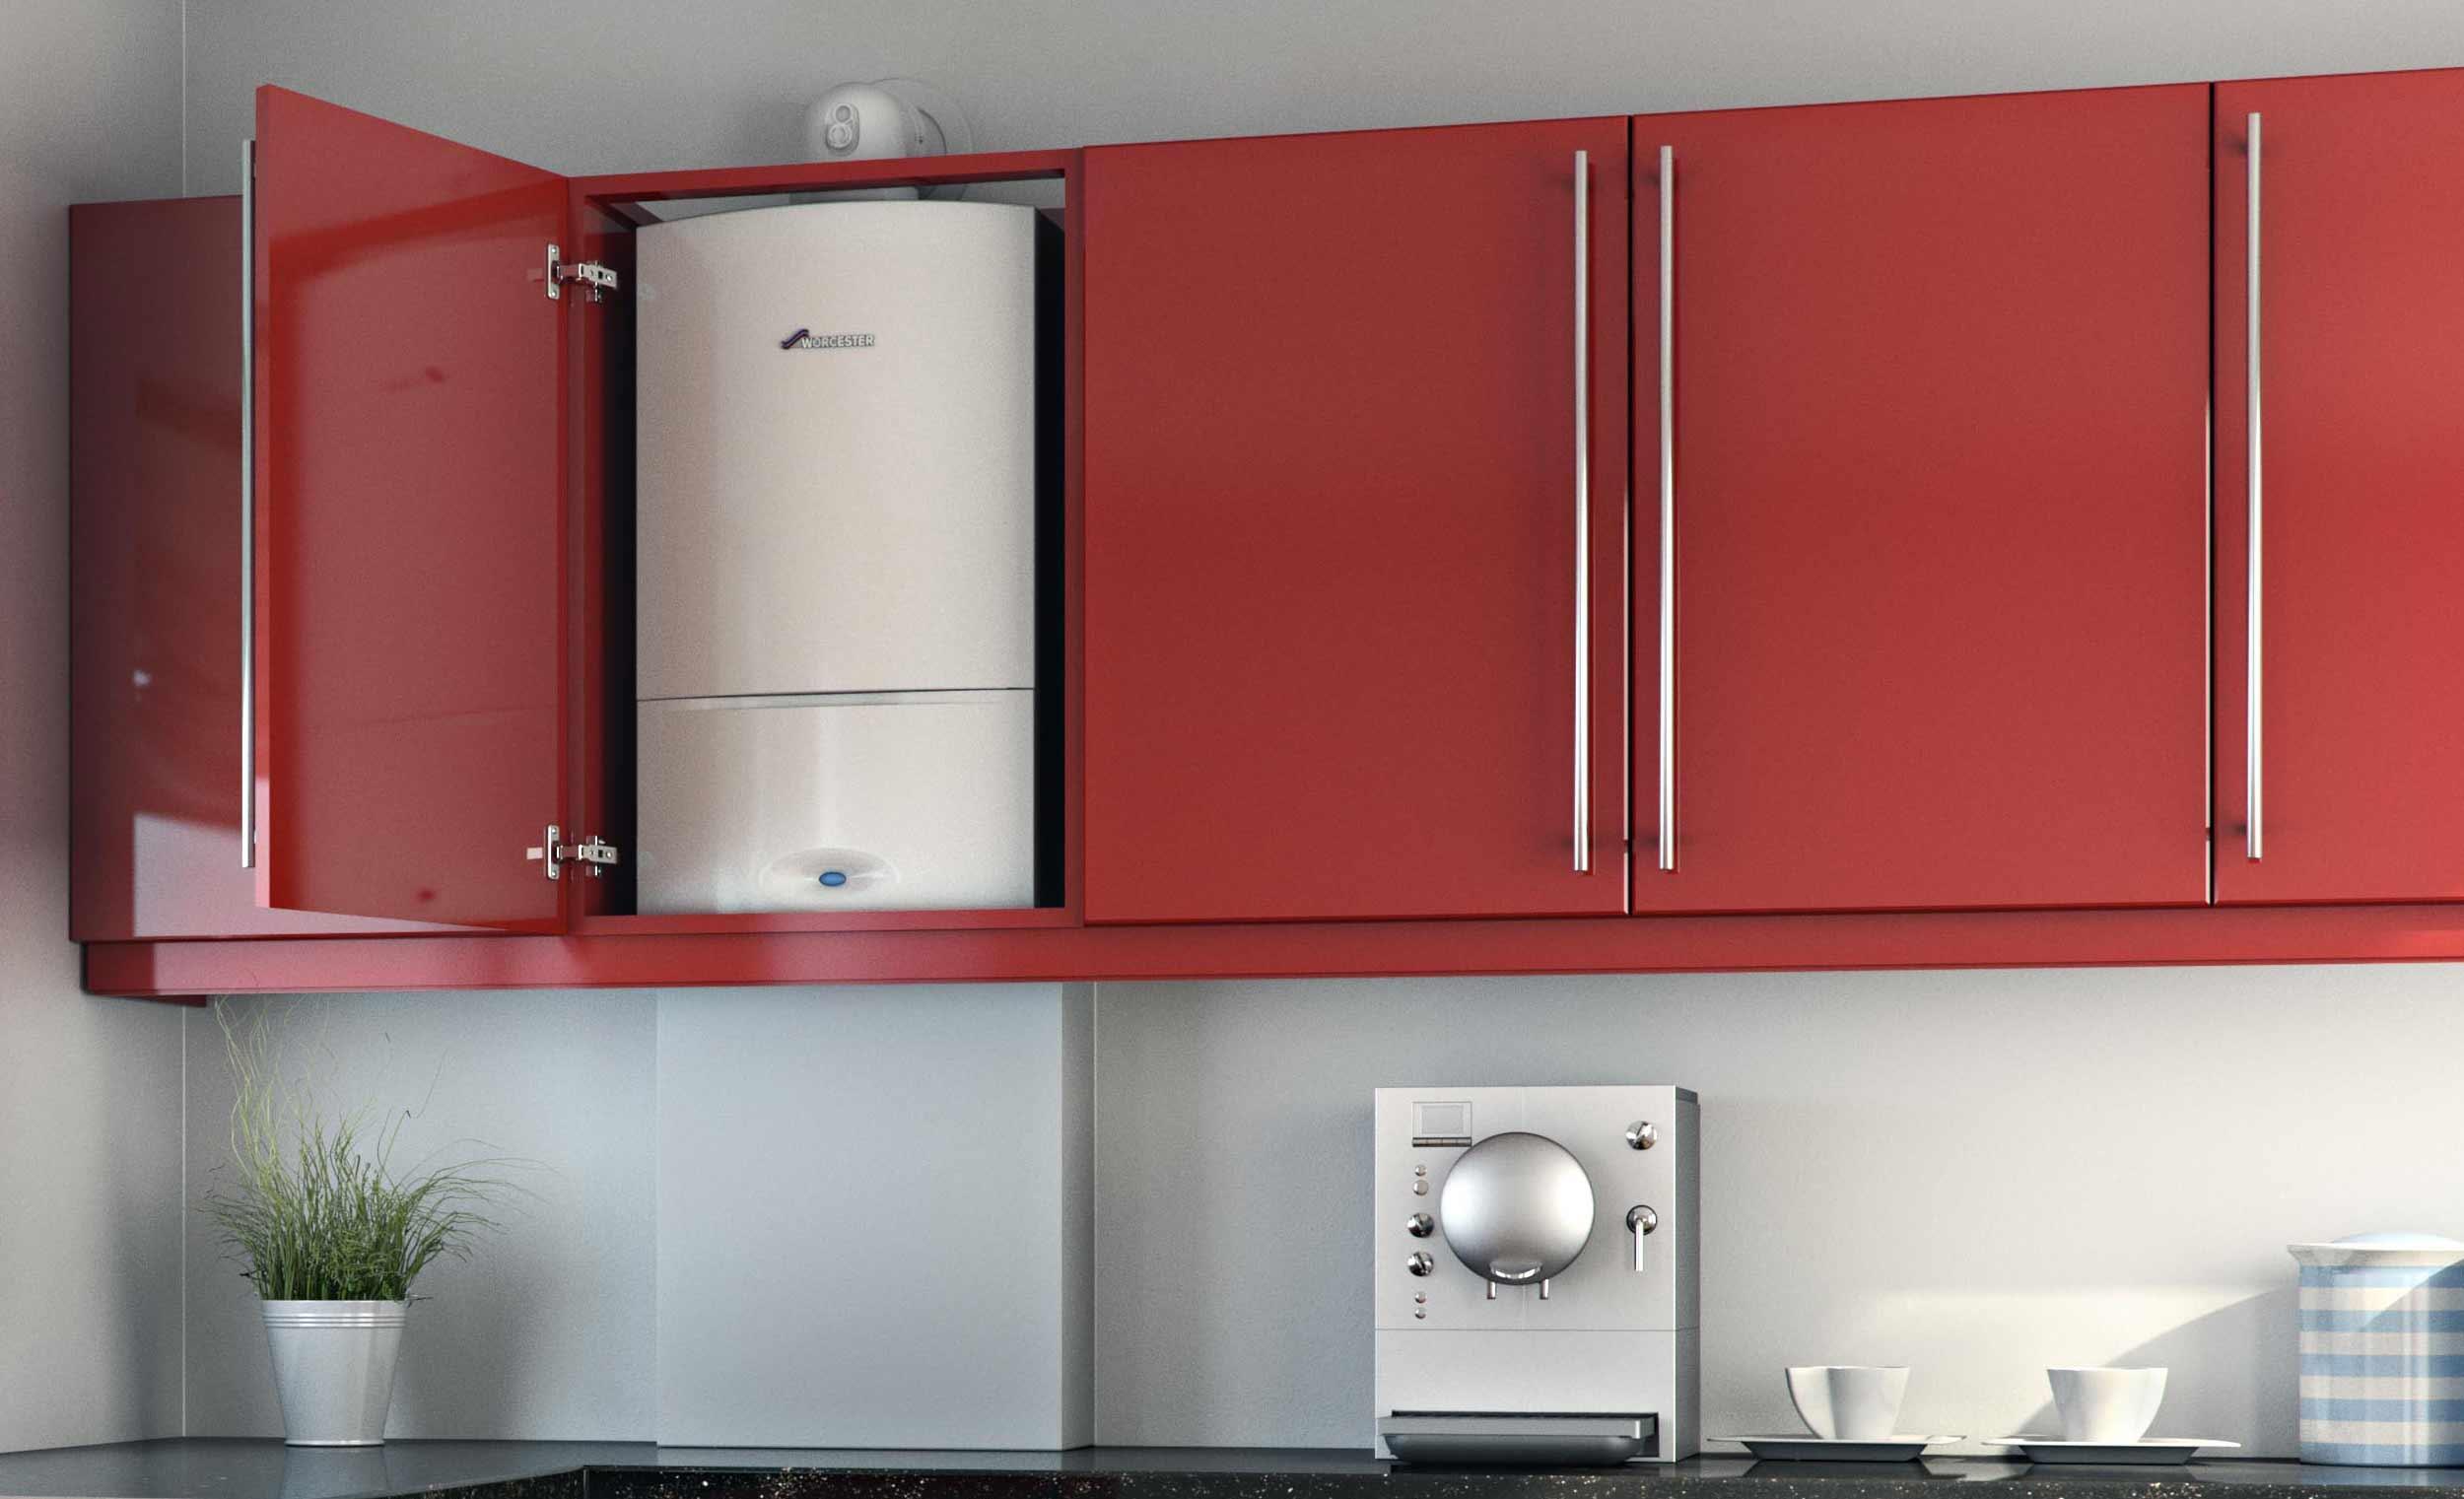 mds energie entreprise de plomberie sanitaire et chauffage. Black Bedroom Furniture Sets. Home Design Ideas